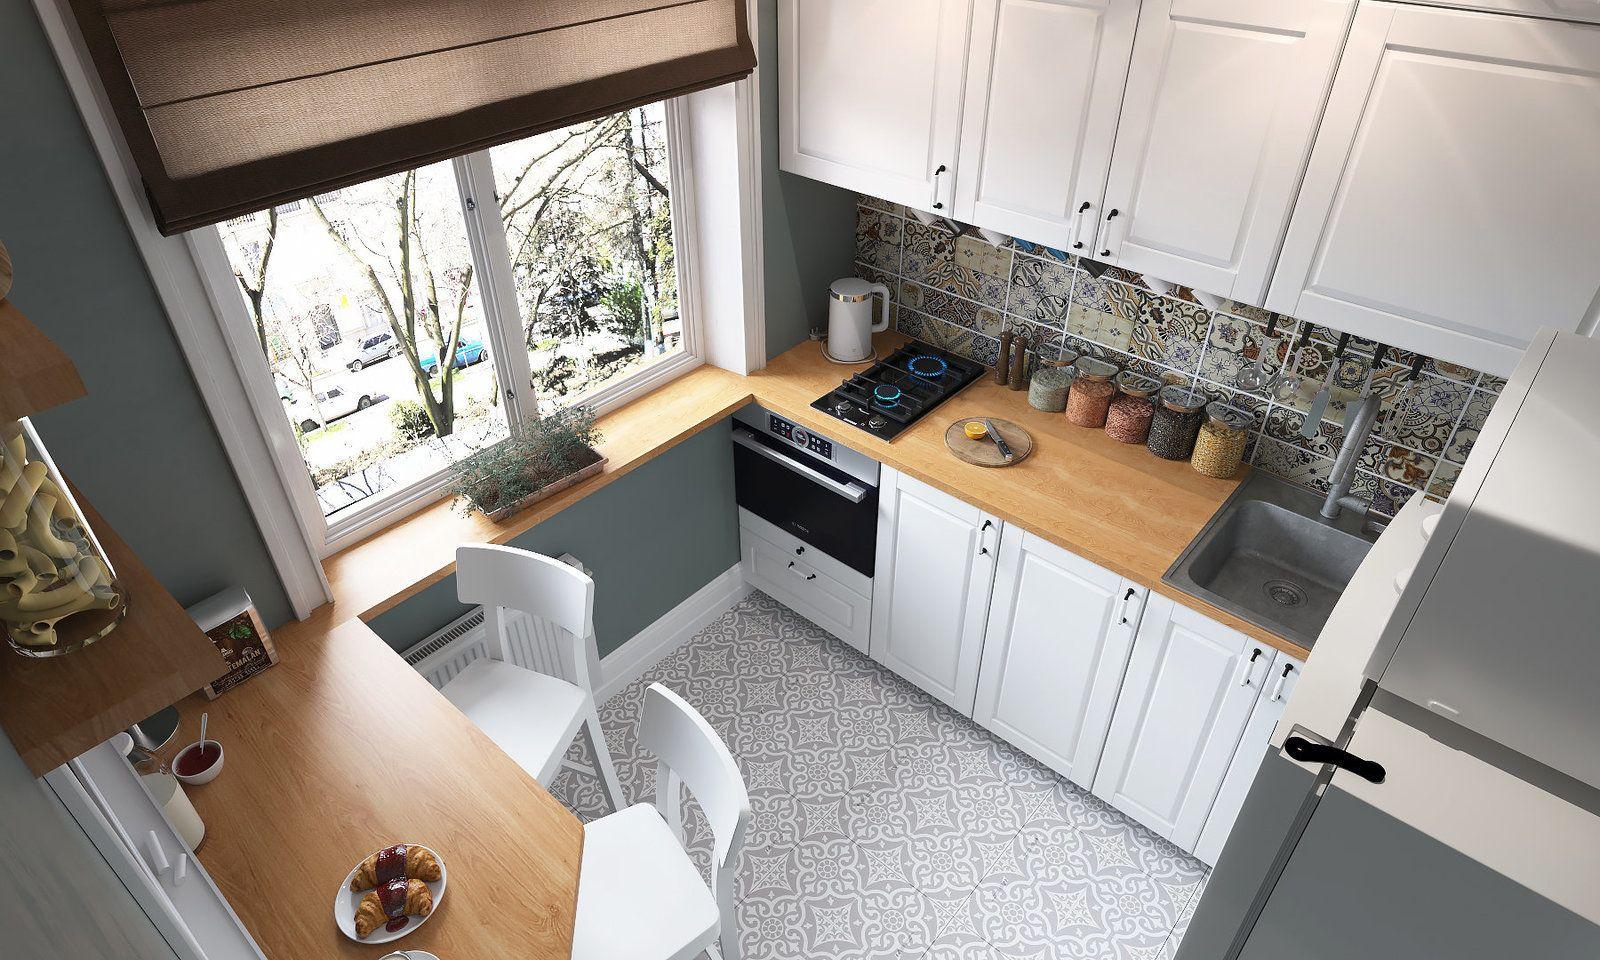 33129 Угловая кухня в хрущевке: какой дизайн выбрать